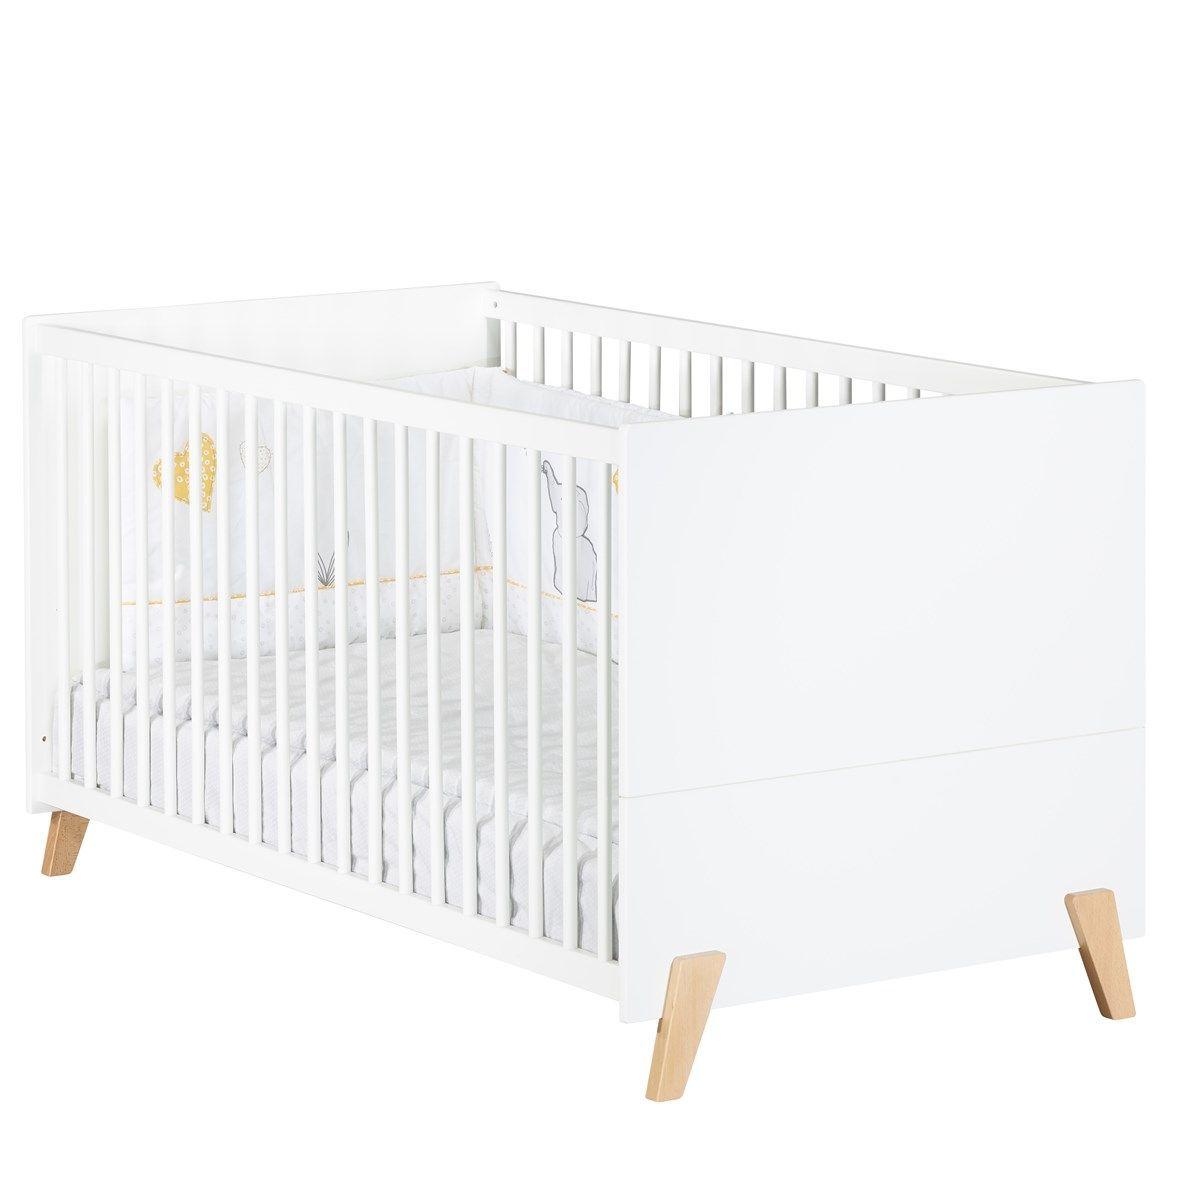 Lit Bebe Evolutif 140x70 Little Big Bed Joy Naturel Baby Price Taille 70x140 Cm Lit Bebe Lit Enfant Evolutif Lit Evolutif